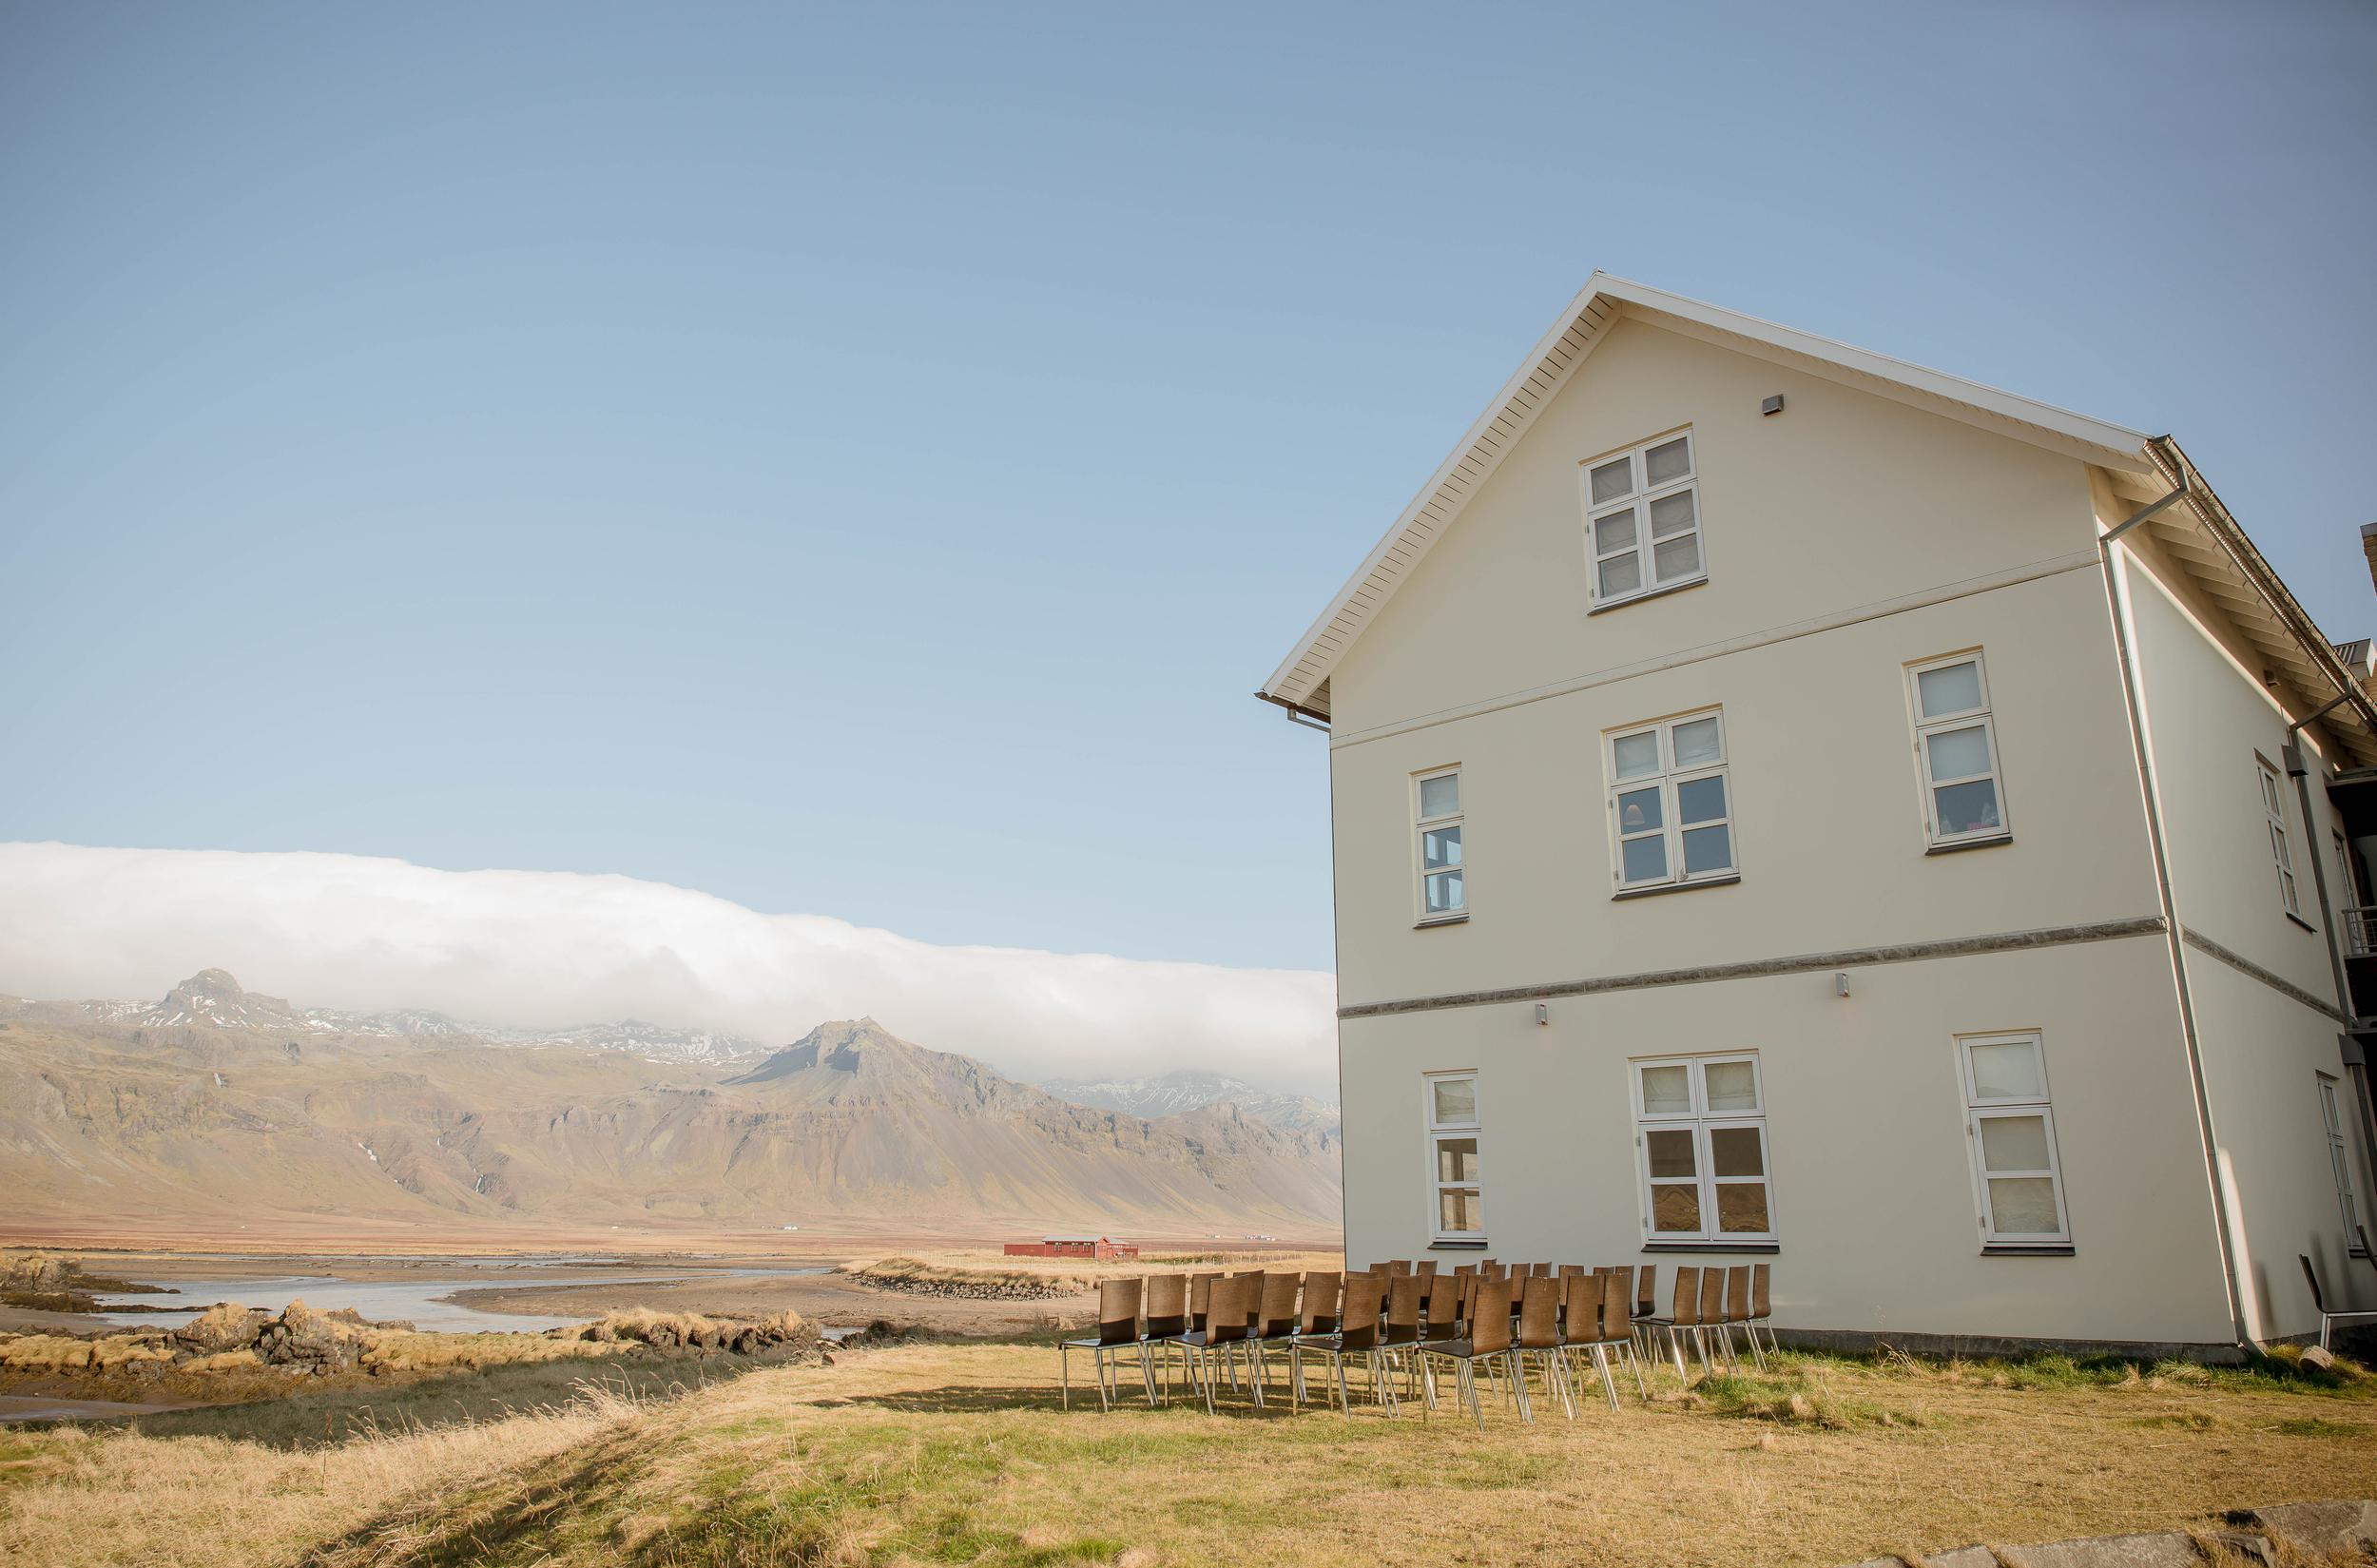 Iceland-Wedding-Photographer-Photos-by-Miss-Ann-6.jpg